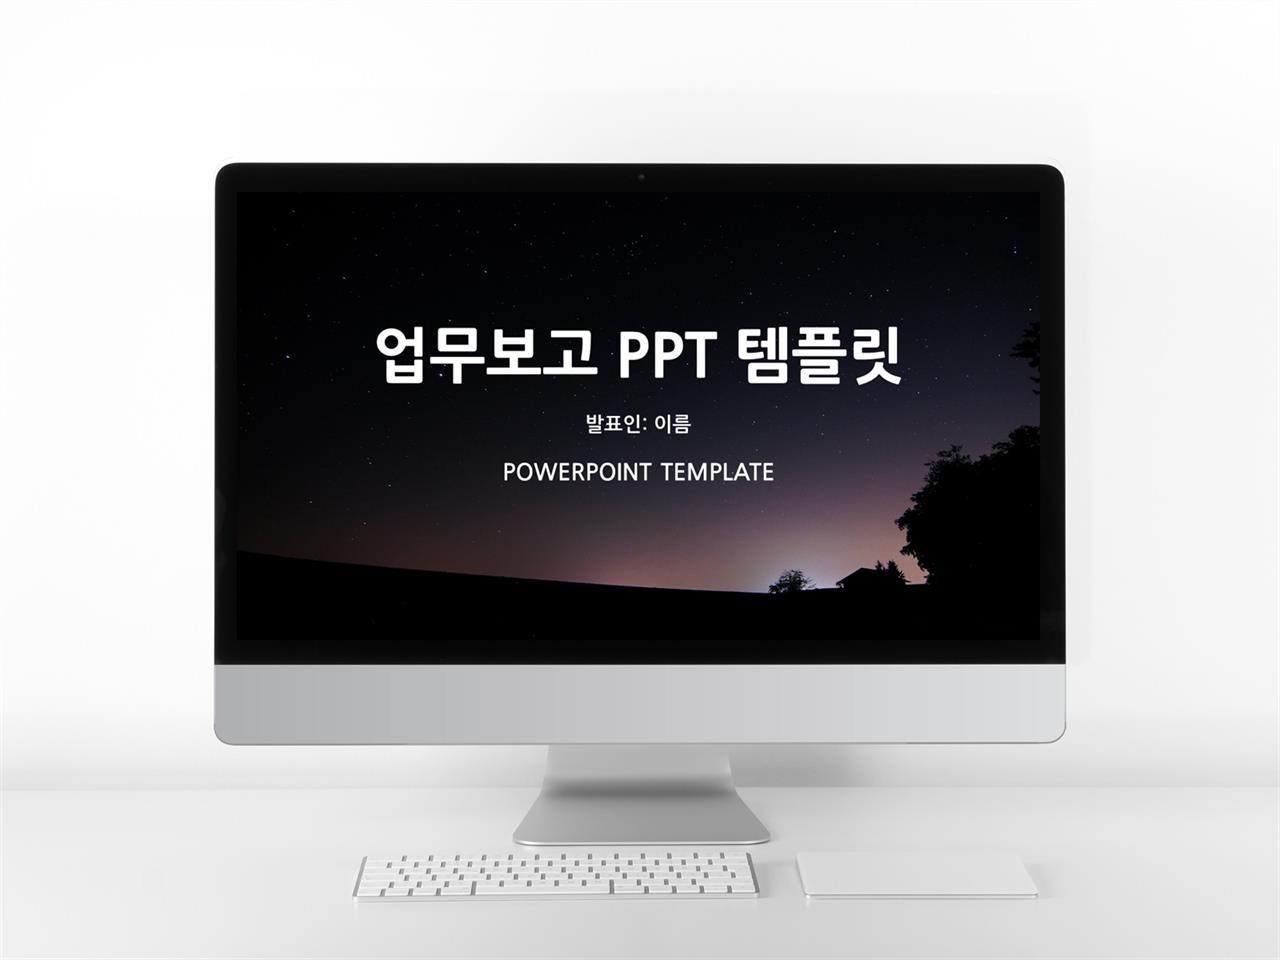 업무관리 검정색 짙은 발표용 PPT탬플릿 다운 미리보기